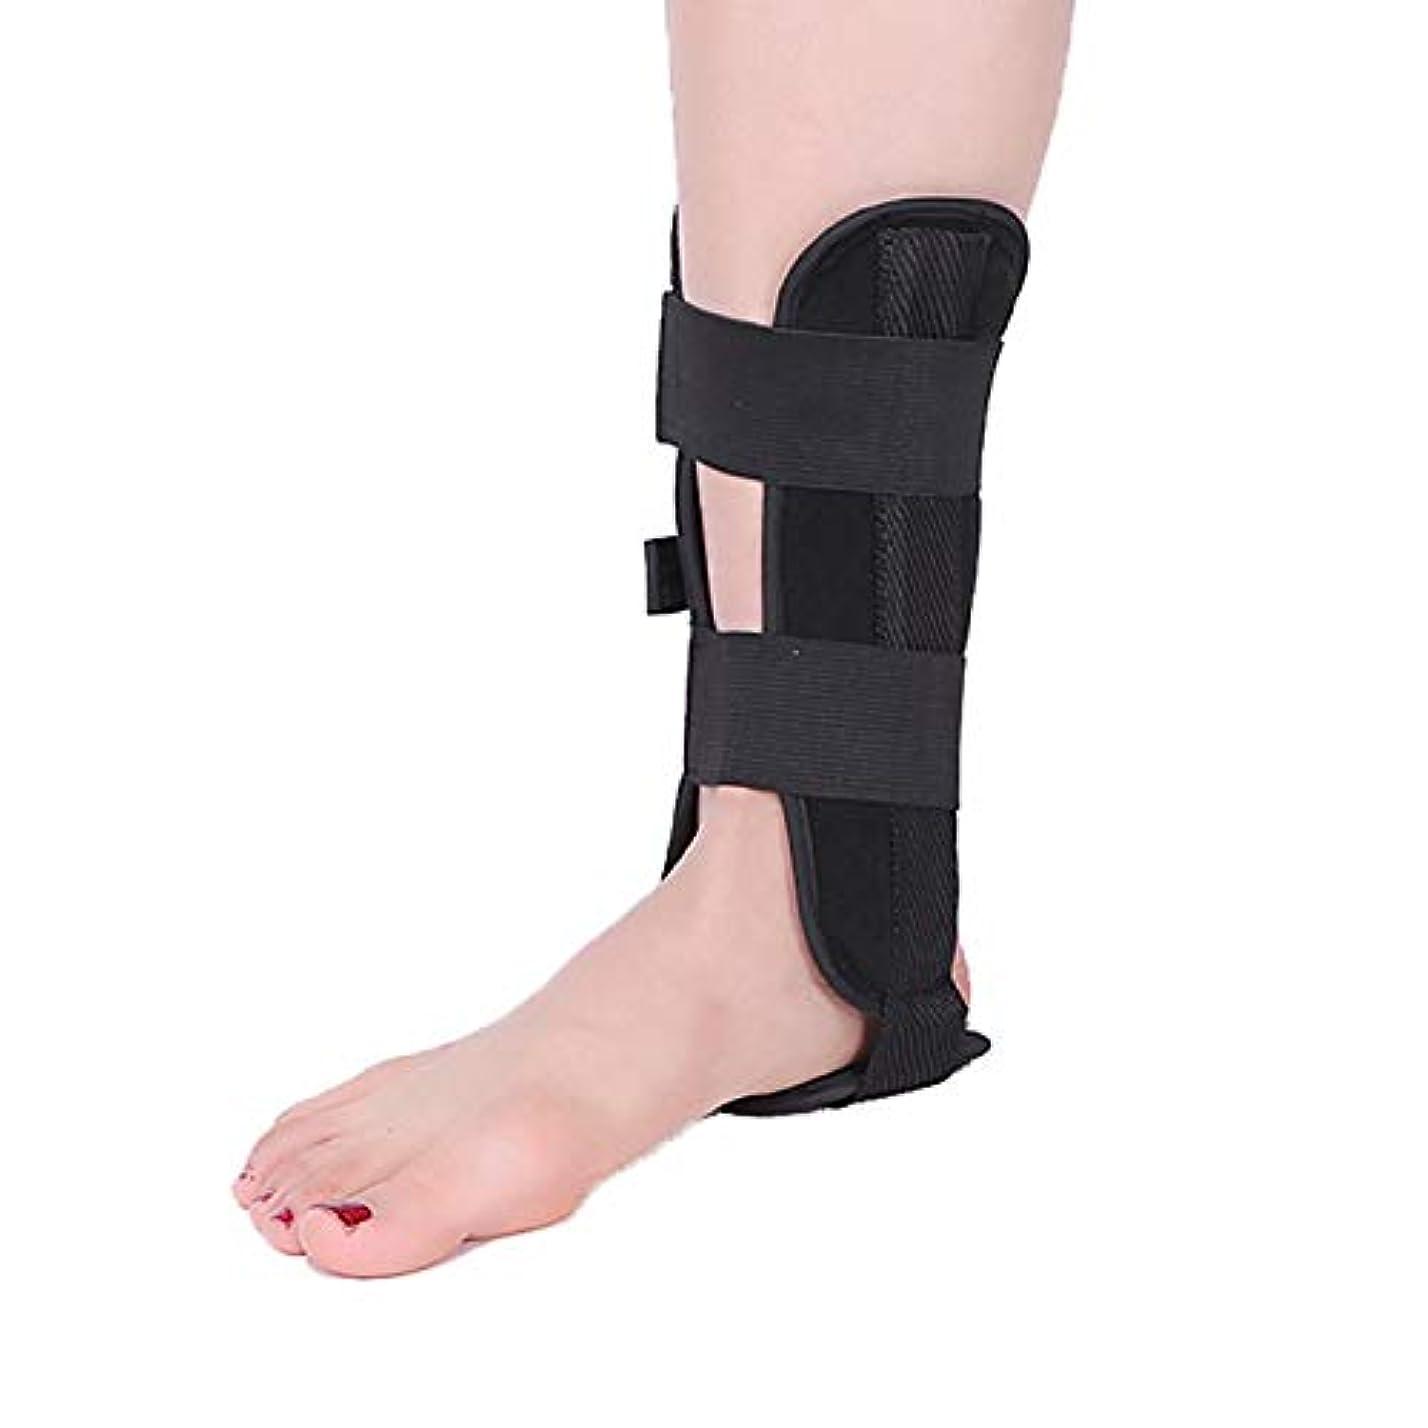 水曜日オデュッセウス忠実な足首サポートストラップブレース、調節可能なドロップフットオルソ、OKクロスナイロンクラスププレート換気姿勢補正器,L